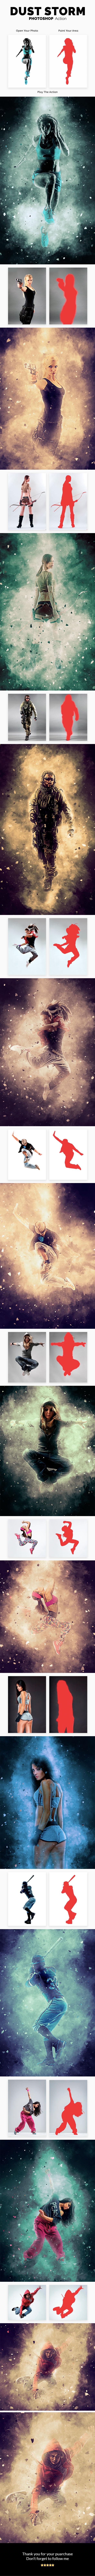 GraphicRiver Dust Storm Photoshop Action 20476768